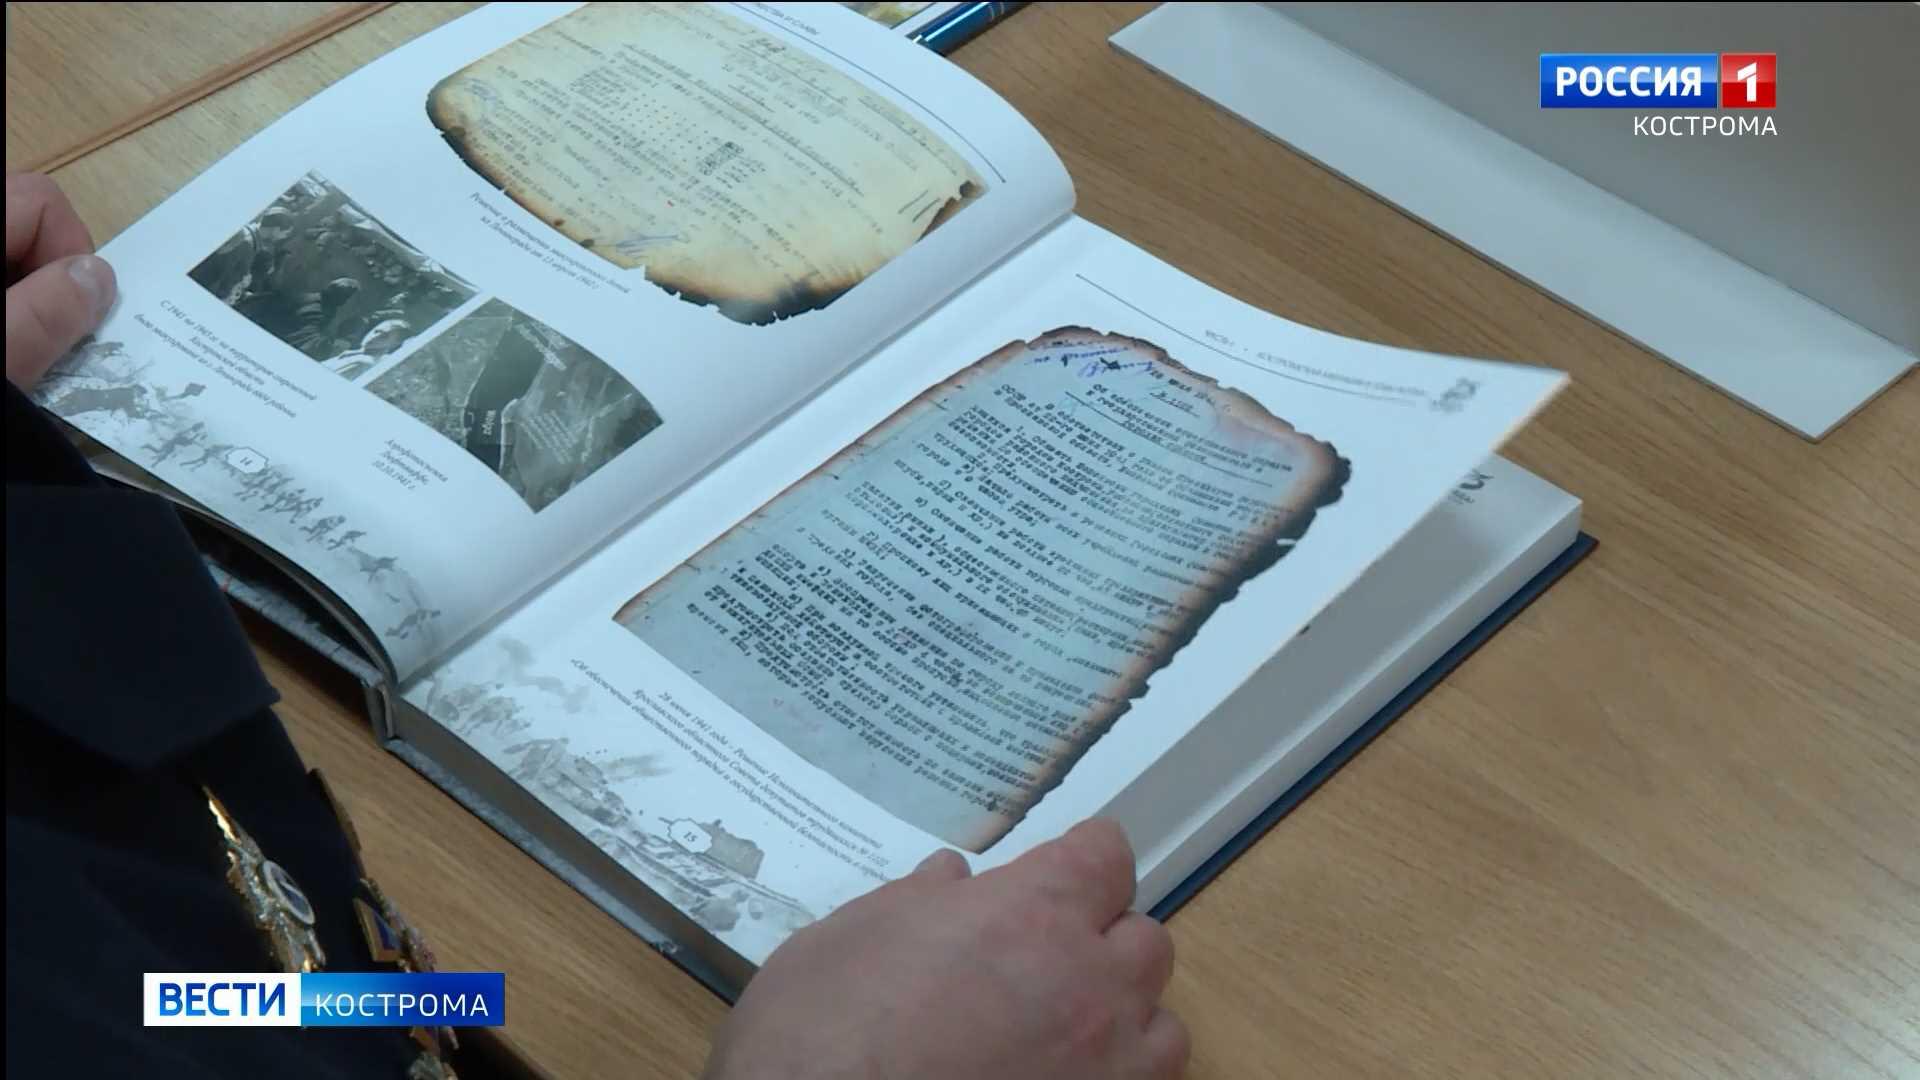 В Костроме представили книгу о работе милиции в годы войны